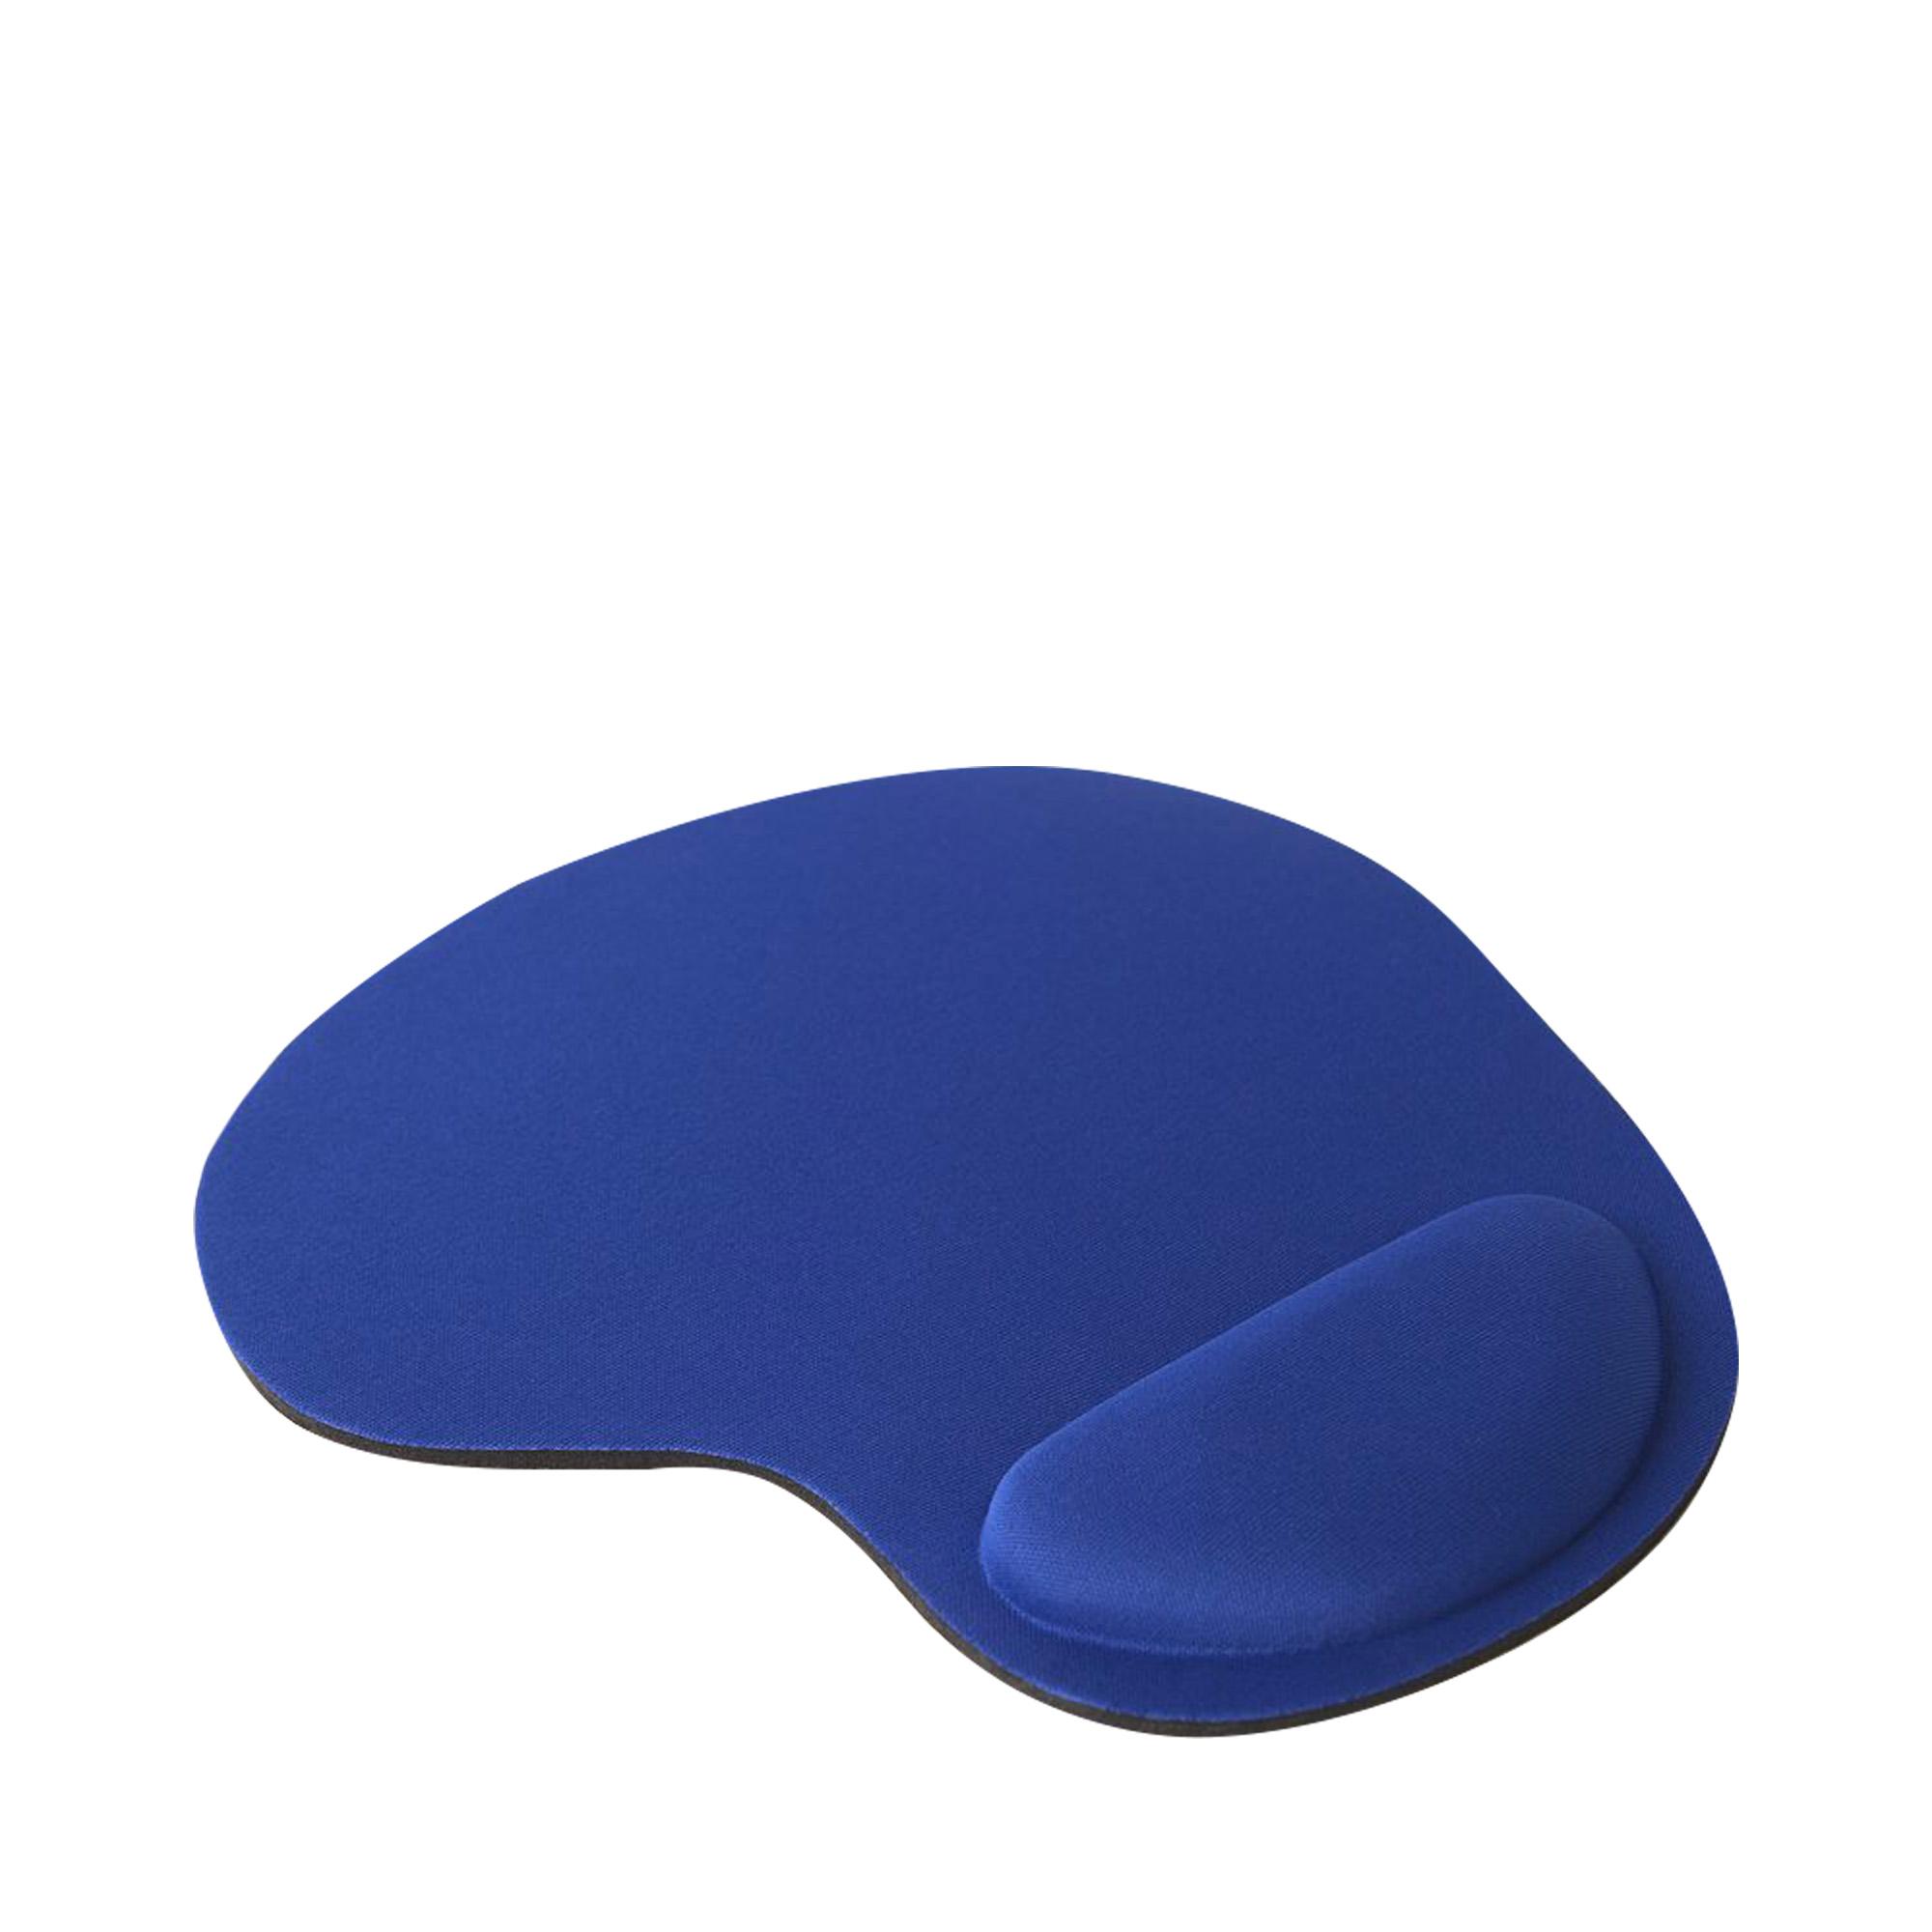 Коврик для компьютерной мыши рука съемные браслеты коврик для мыши его подушка клавиатура браслеты рука подушка запястье площадку браслеты коврик для мыши